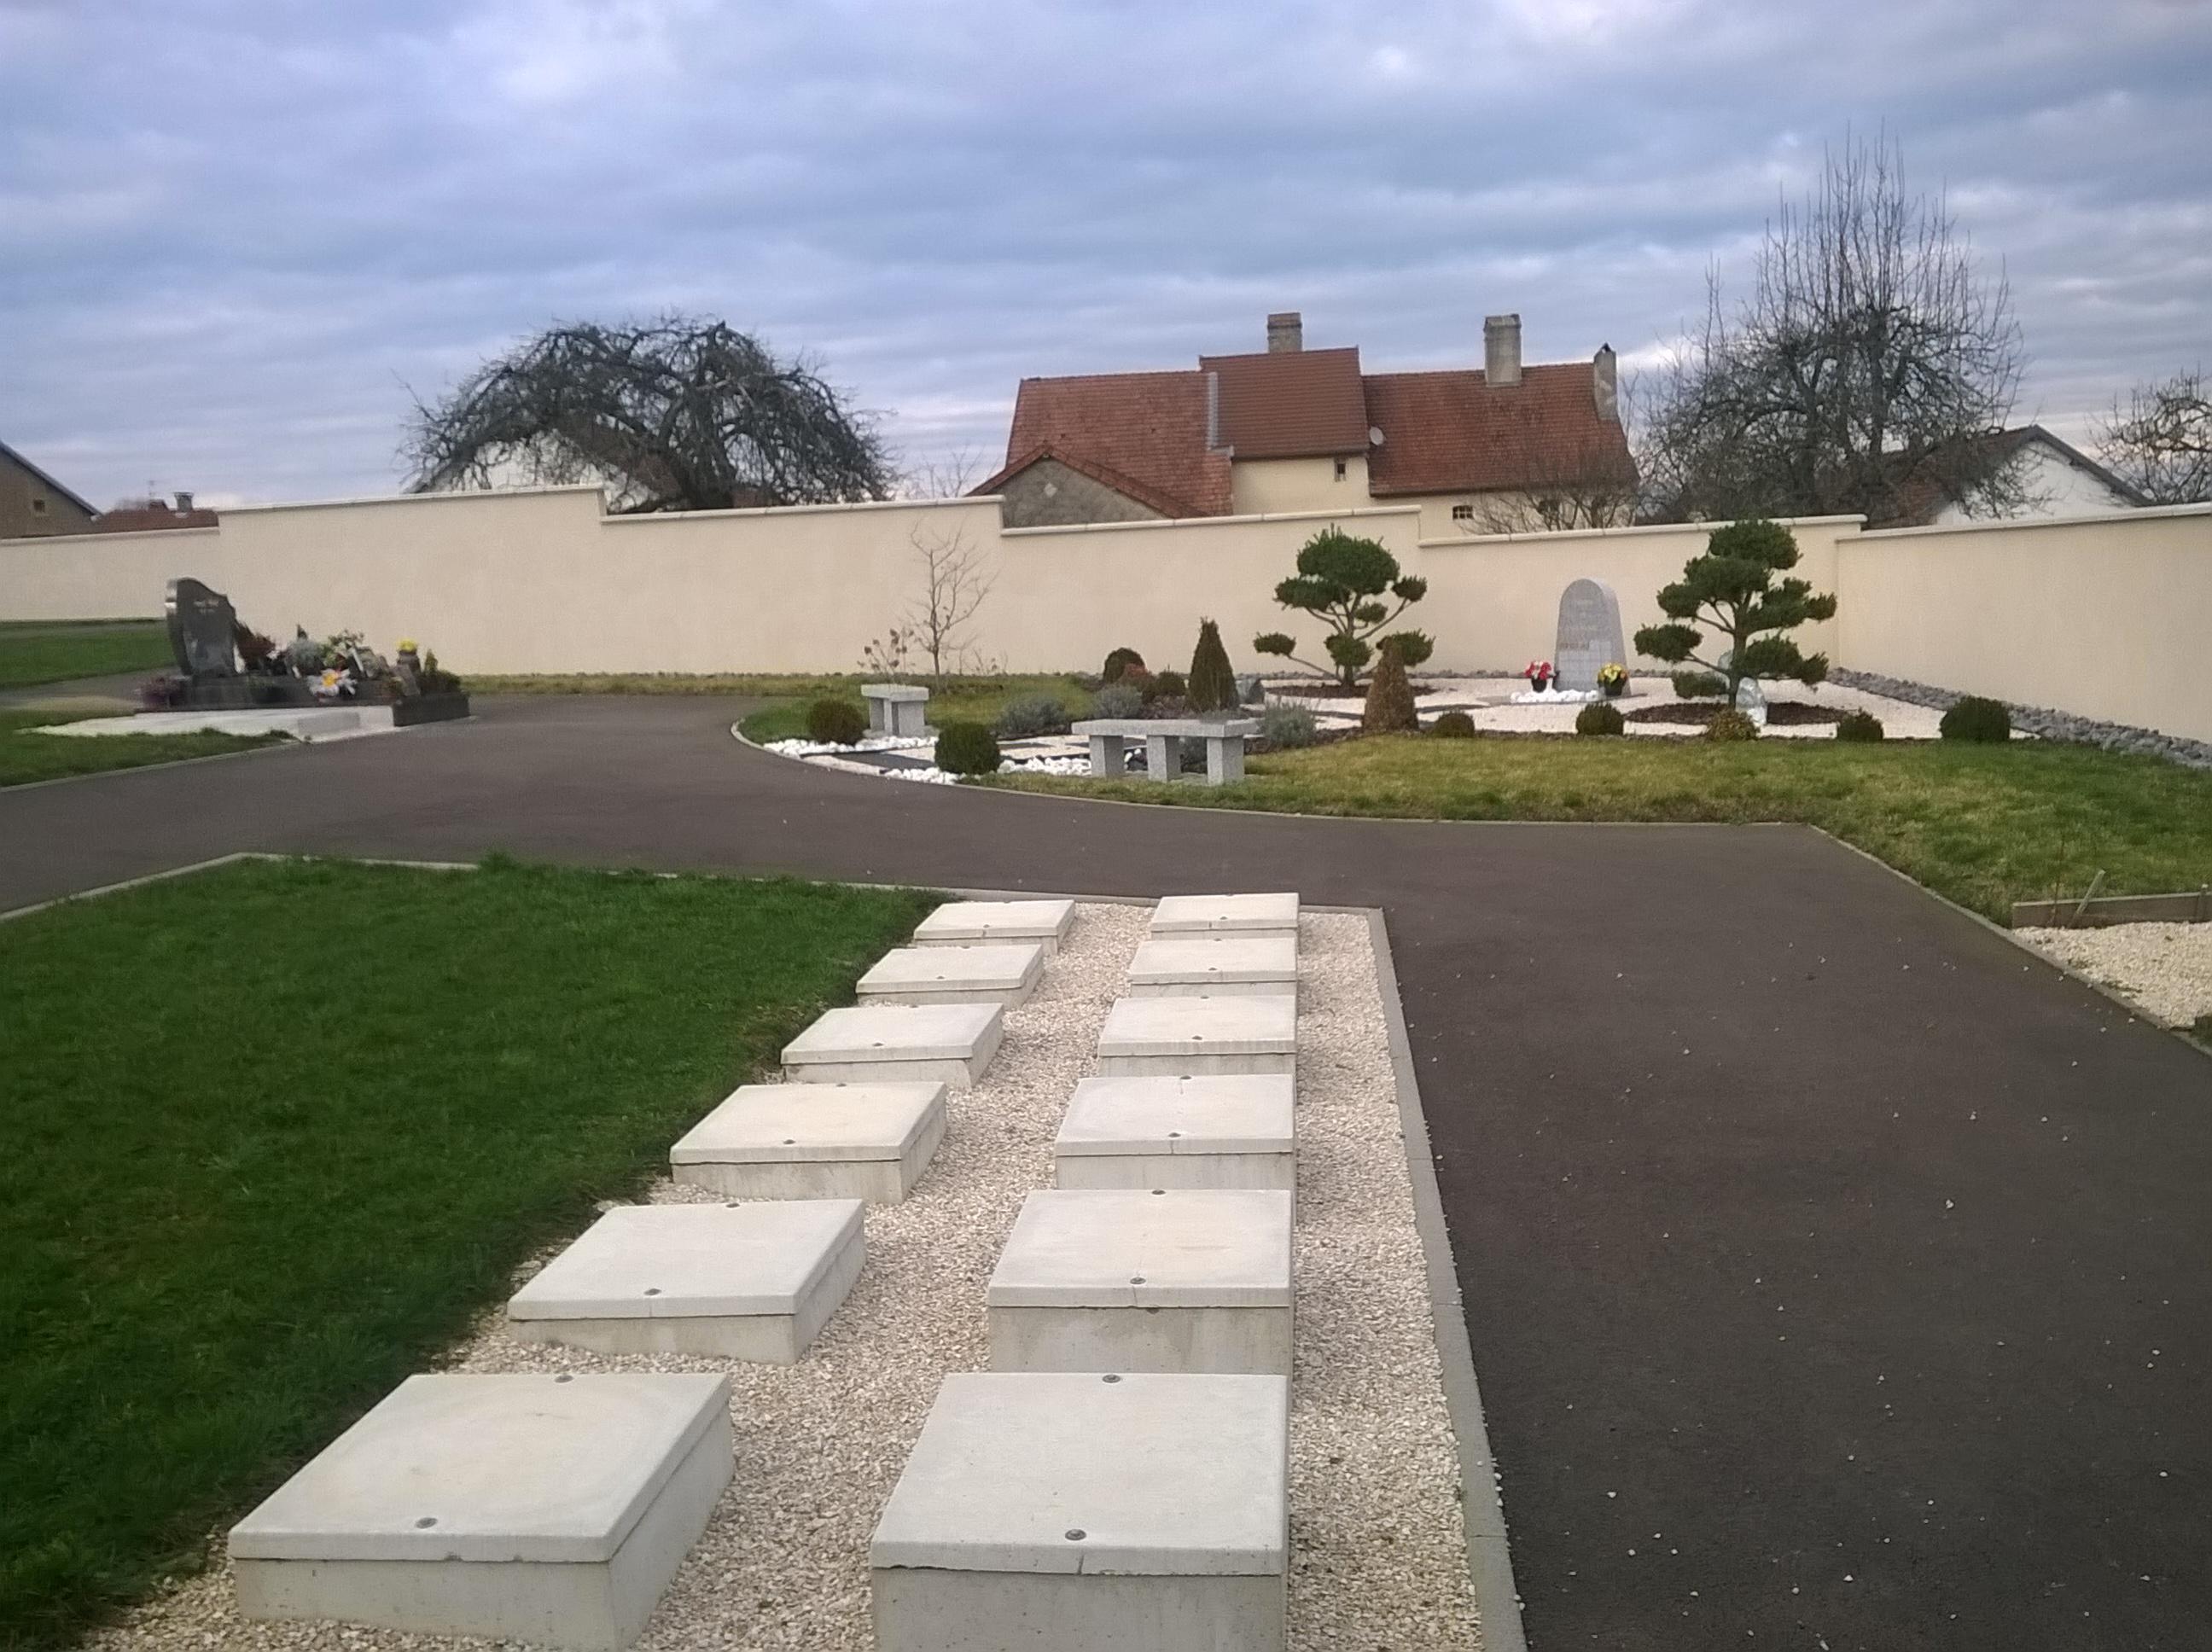 filecimetire de noidans ls vesoul jardin du souvenir 2jpg - Jardin Du Souvenir